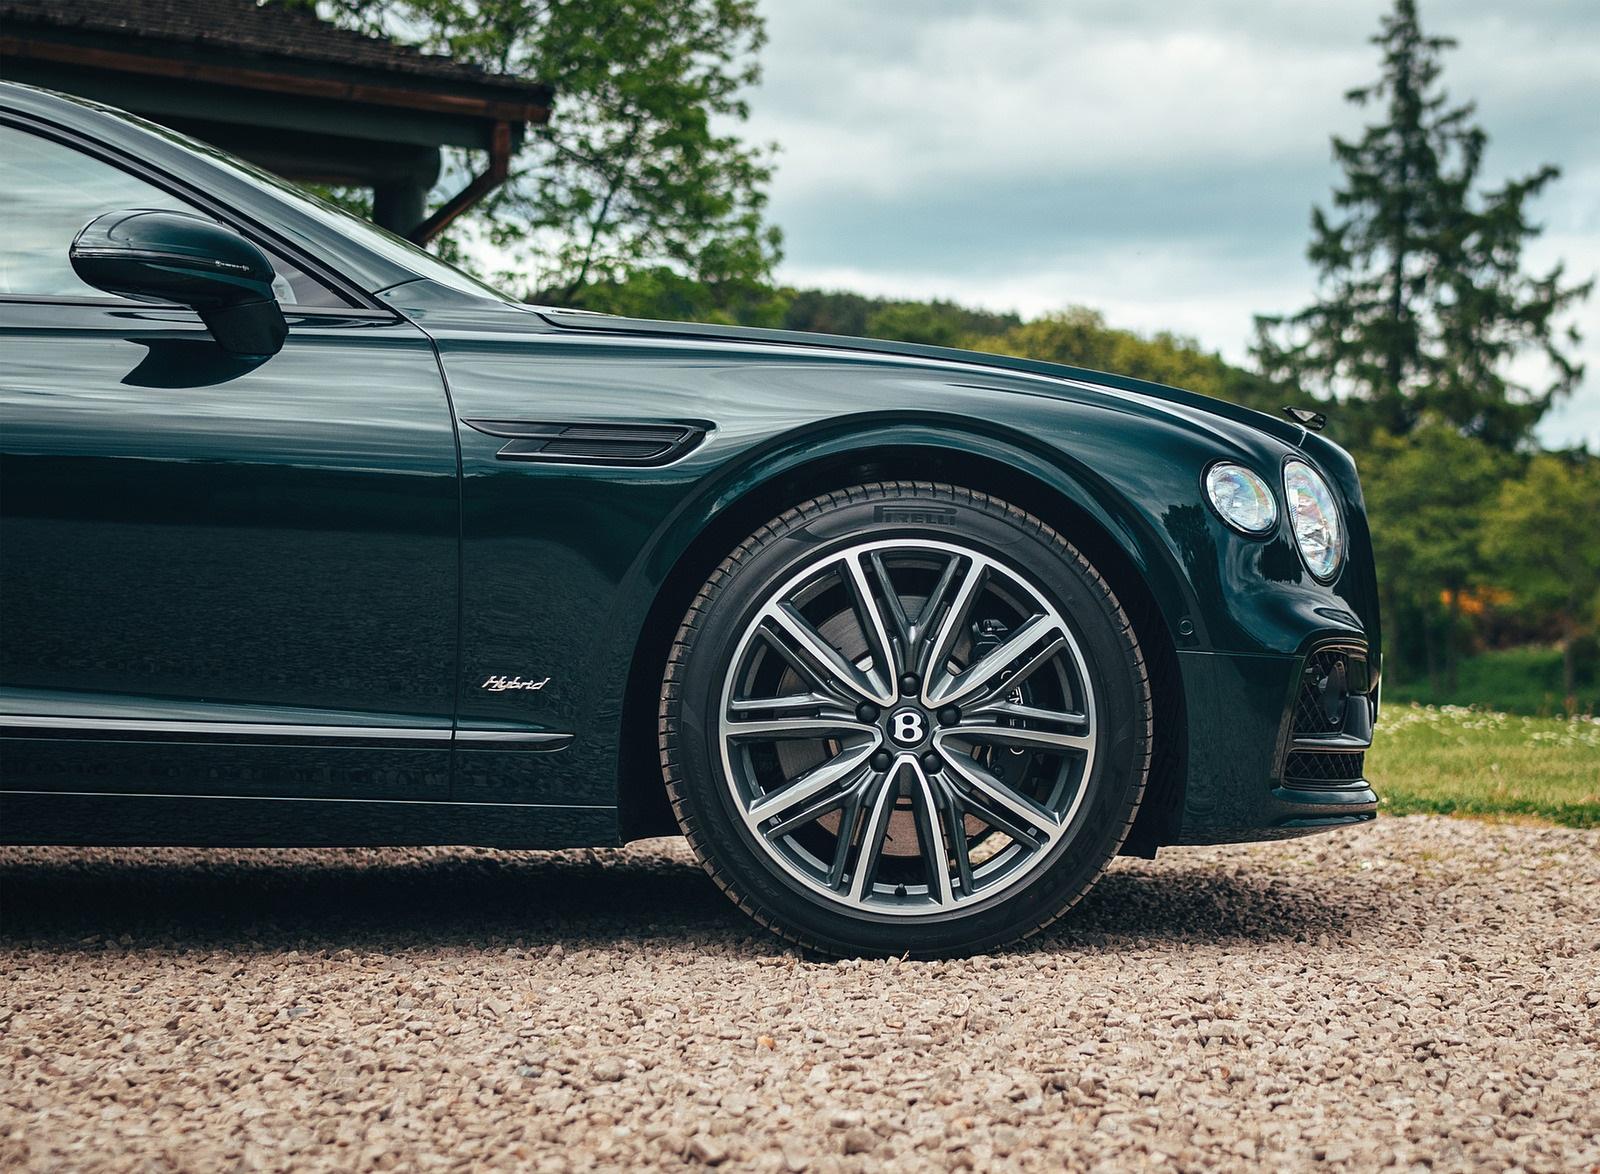 2022 Bentley Flying Spur Hybrid Wheel Wallpapers (6)